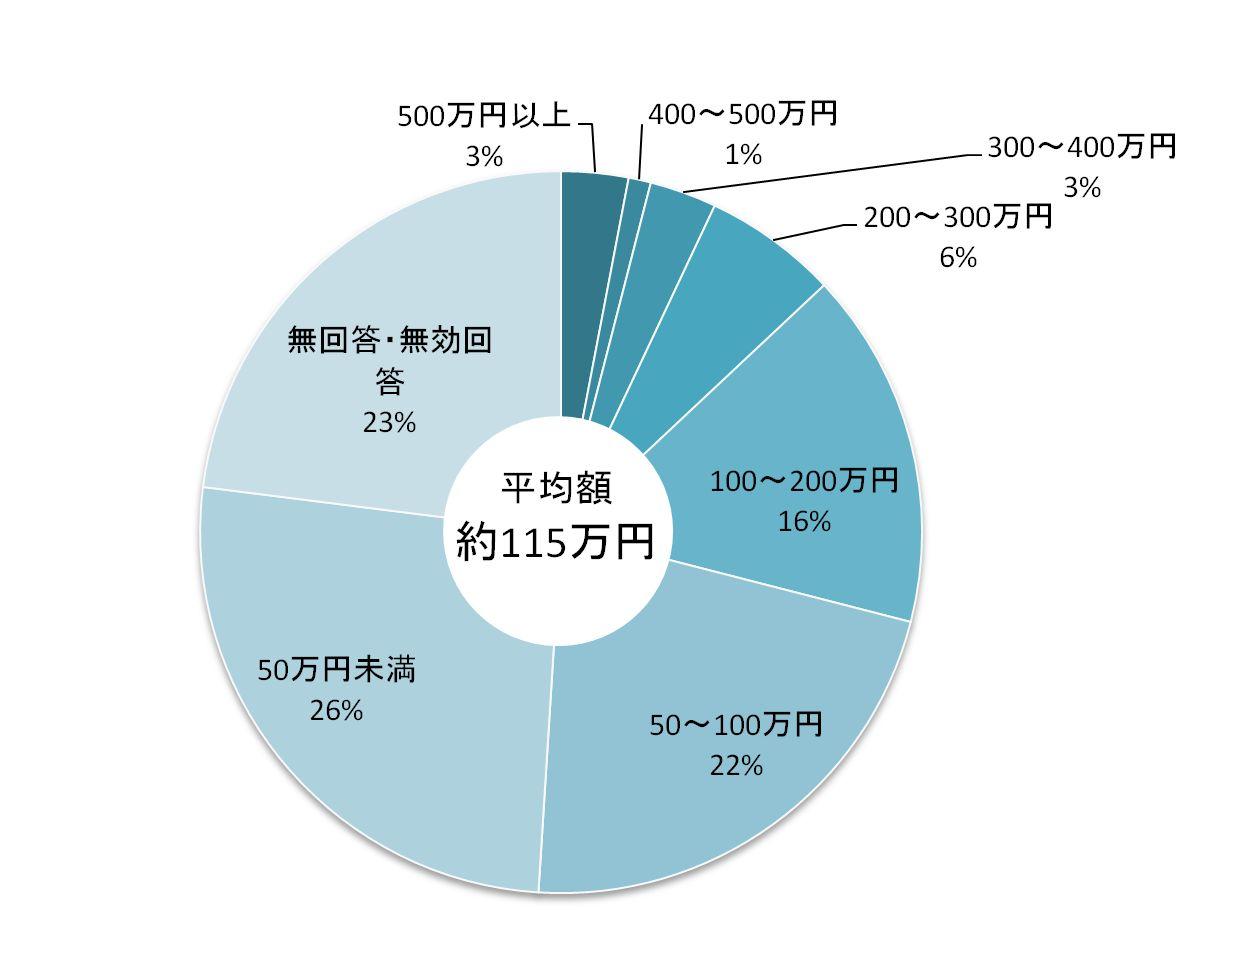 がん治療にかかった費用(年間)